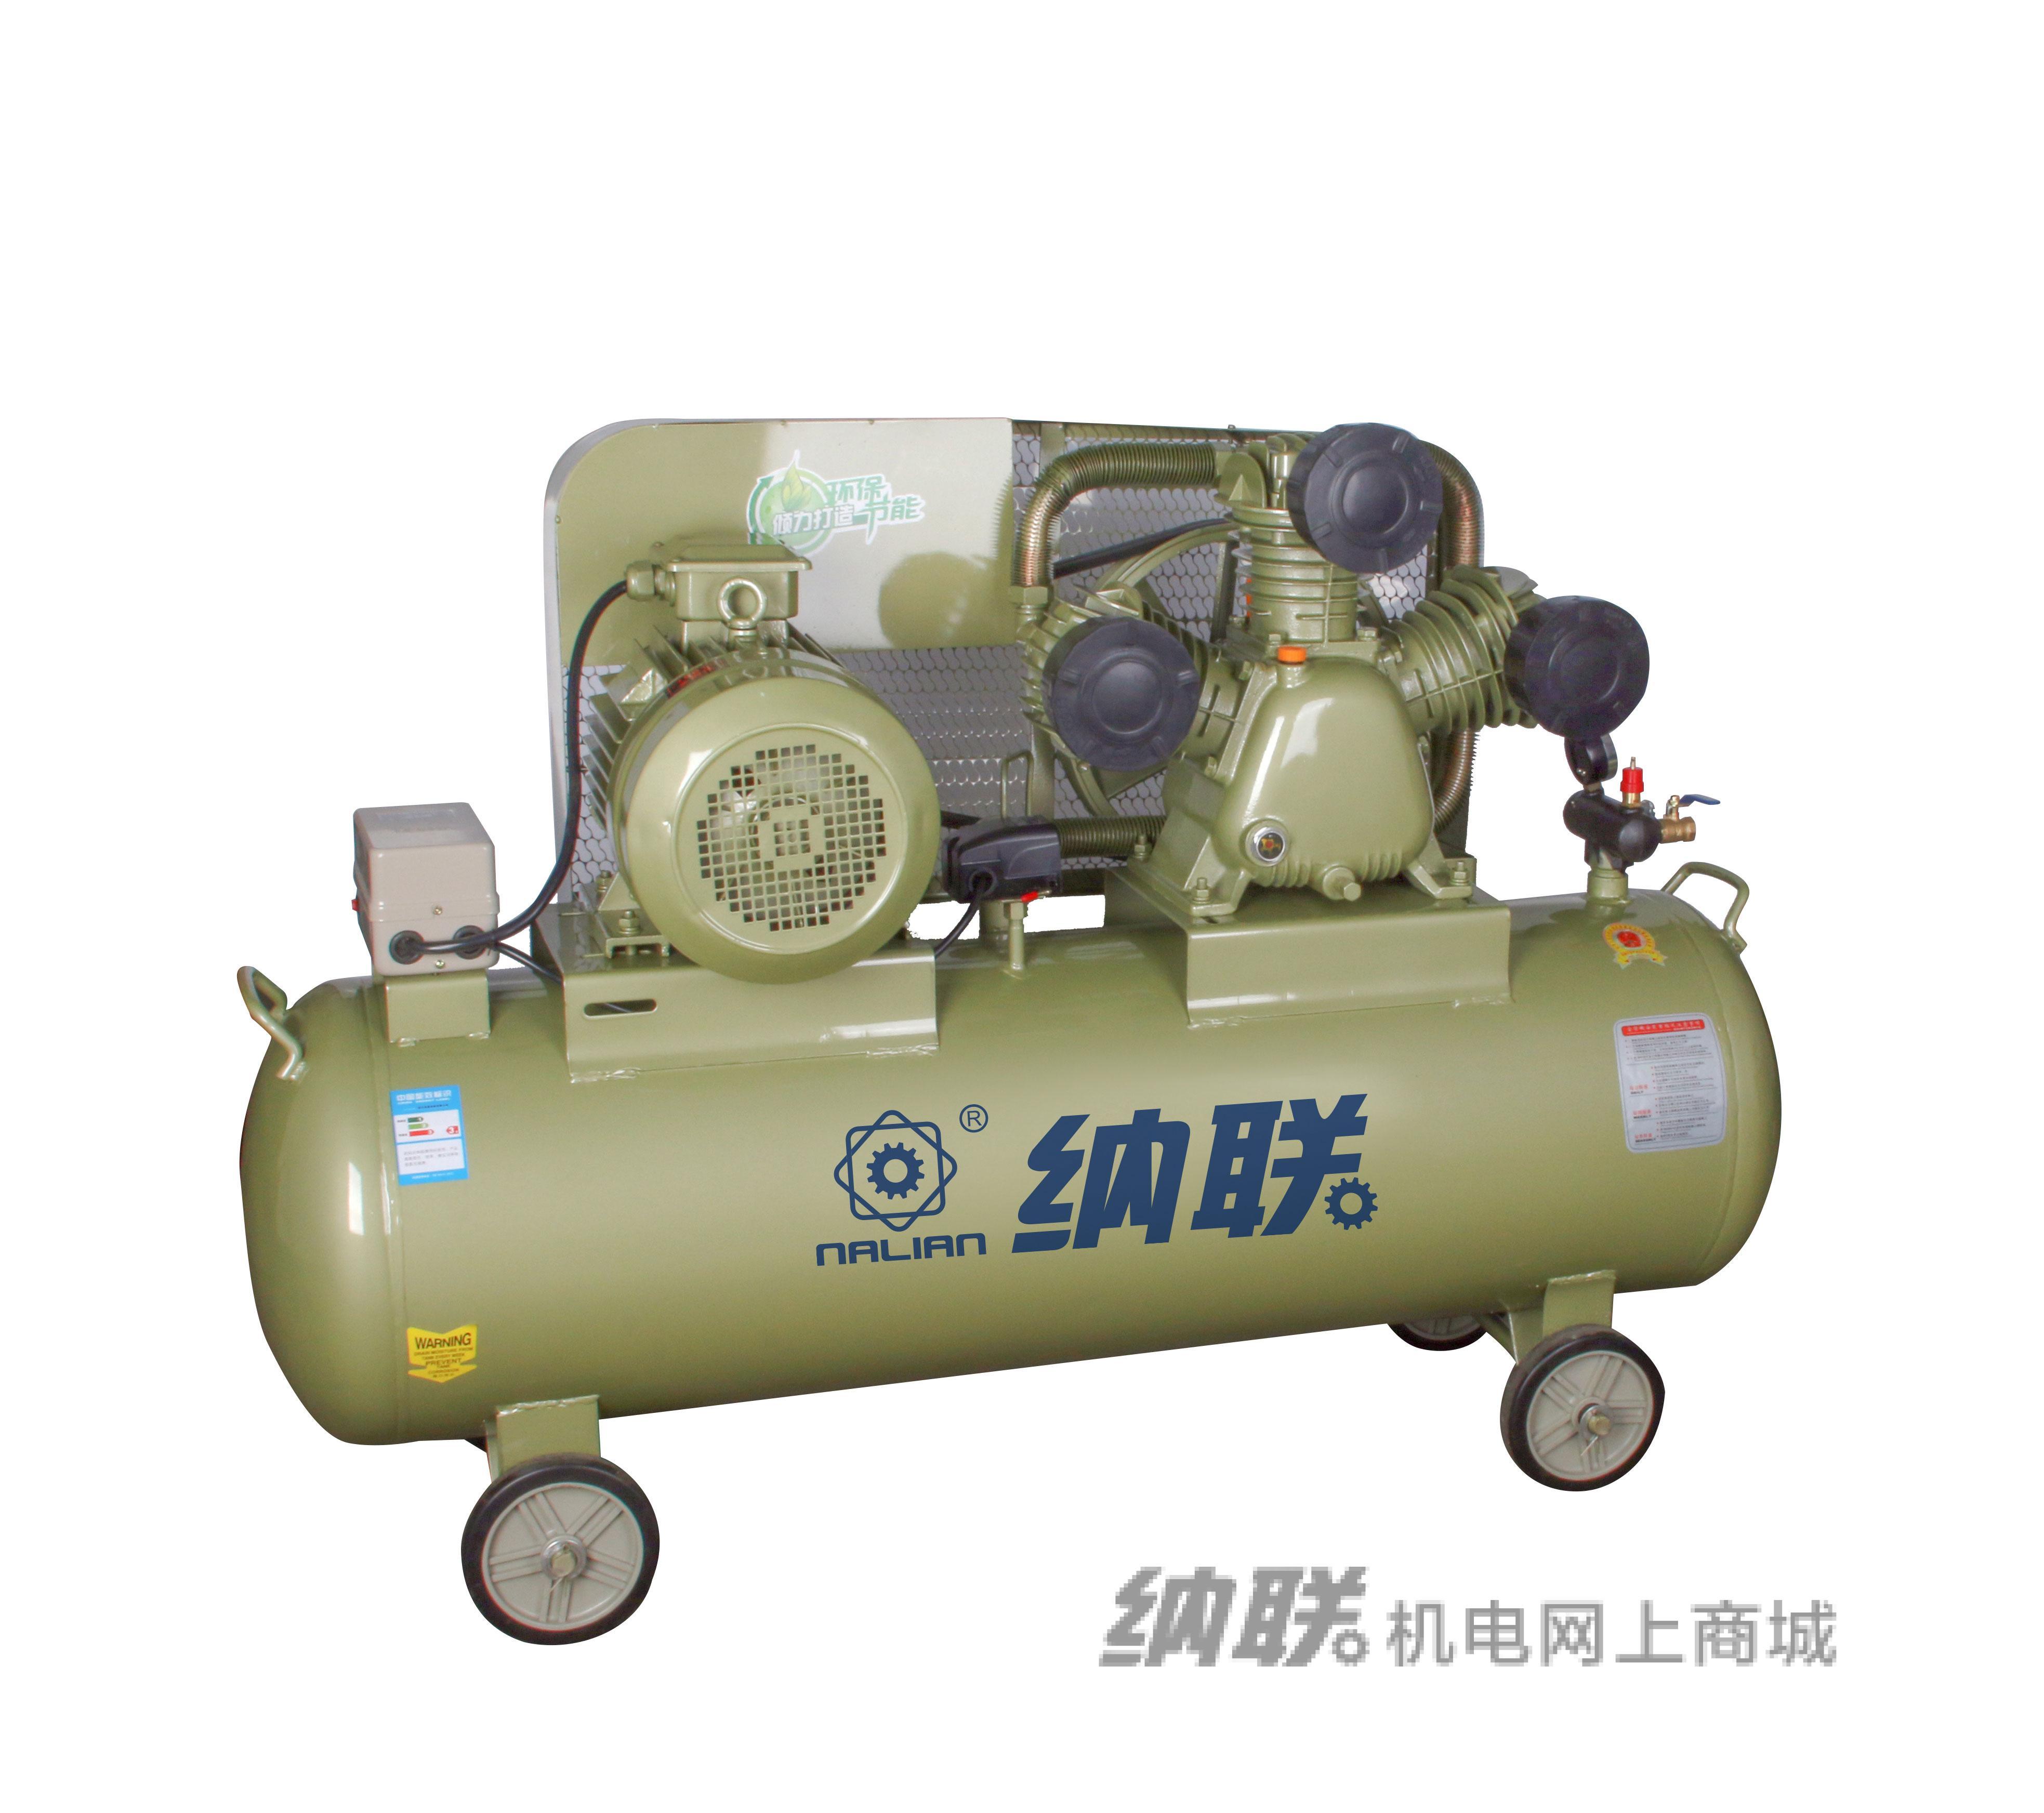 纳联机电 皮带空压机-W-0.36/8 单(3kw-2)